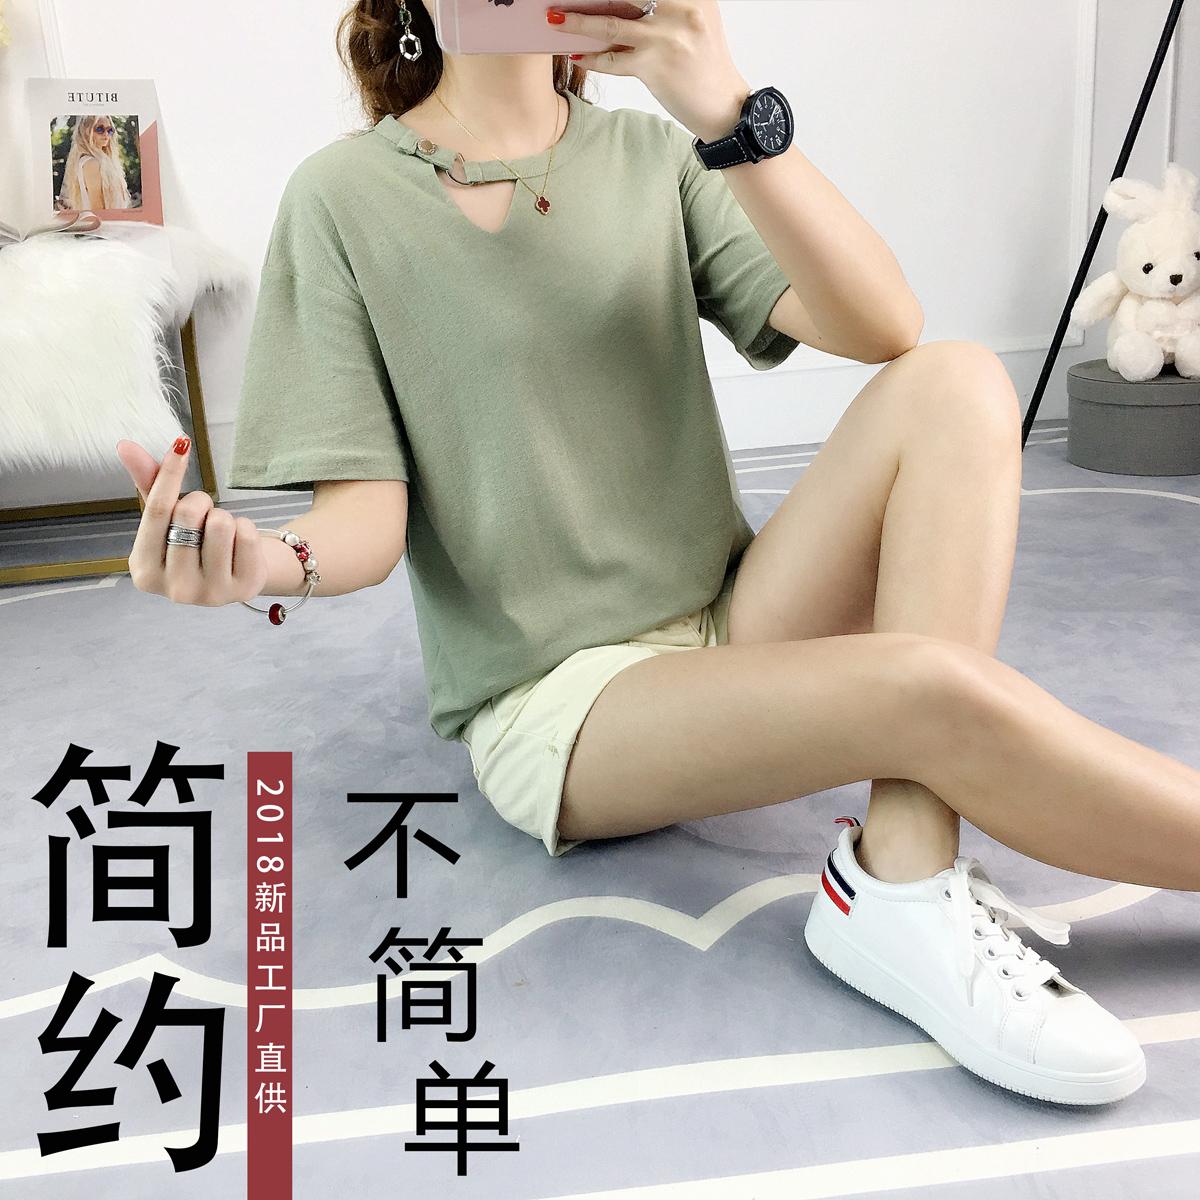 爆款v纯色宽松镂空纯色文艺纽扣百搭女士短袖领口T恤